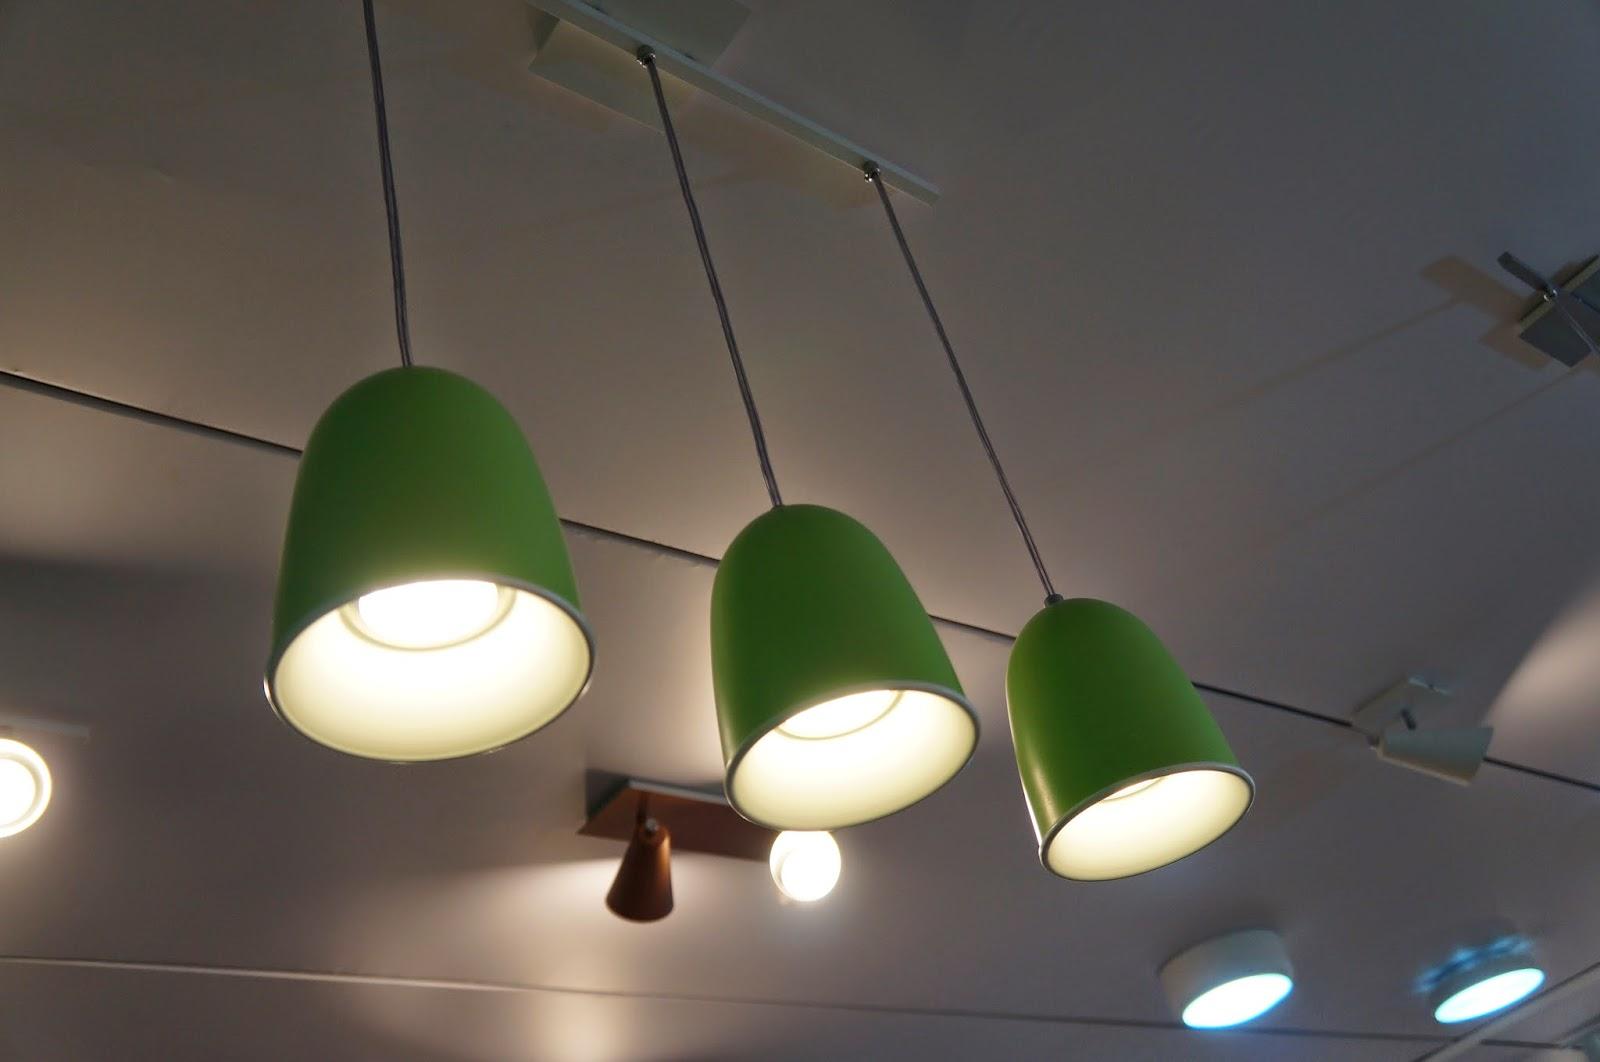 Luminárias com variedade de cores - Adimar Iluminação - Expolux 2014